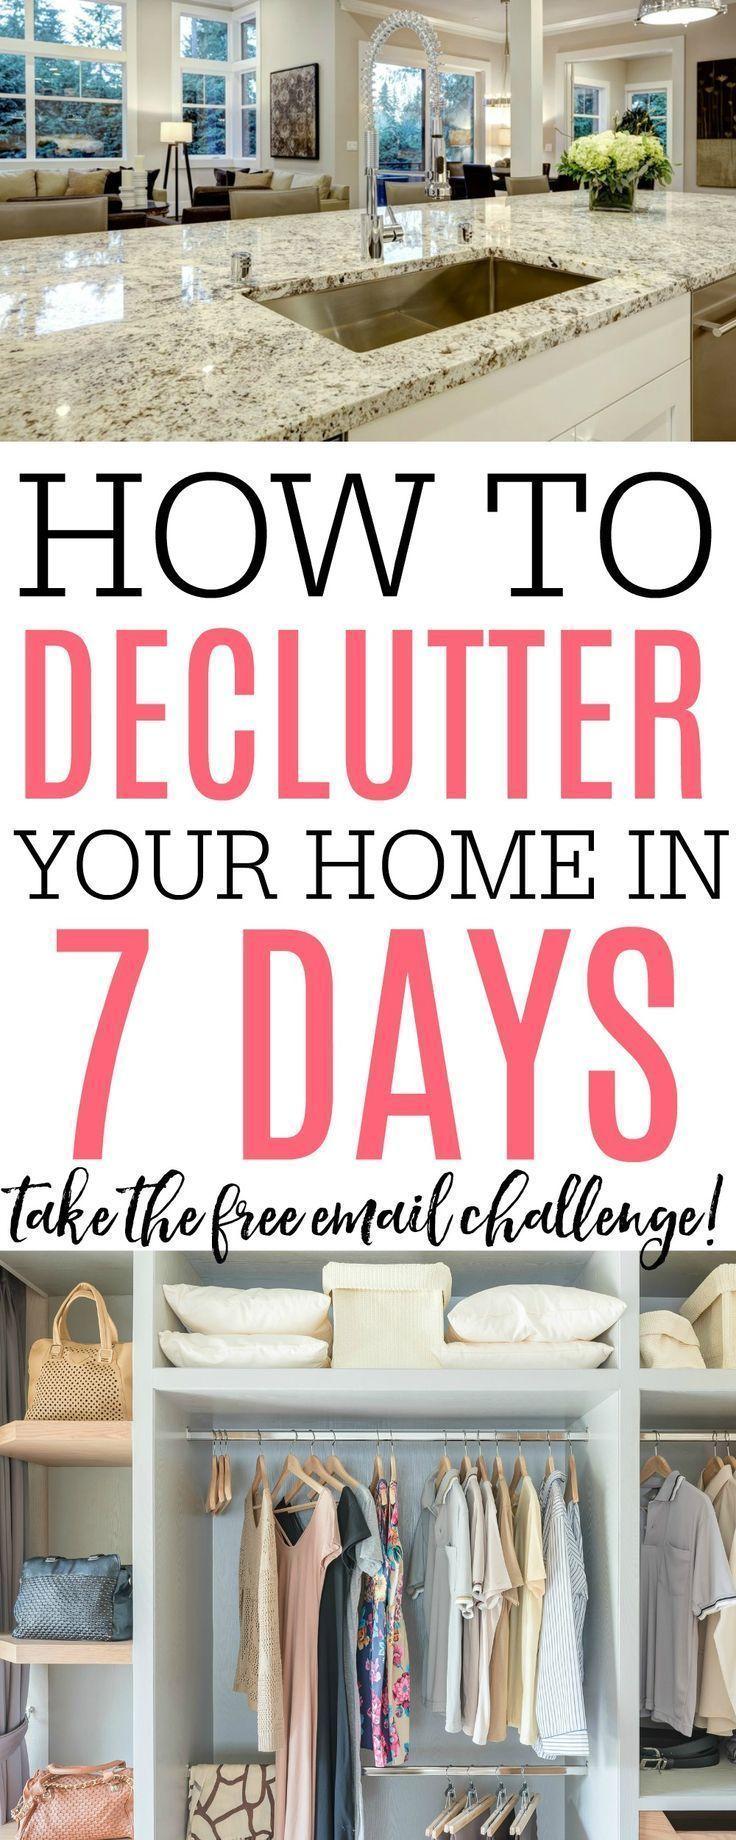 7 Day Decluttering Challenge #organize